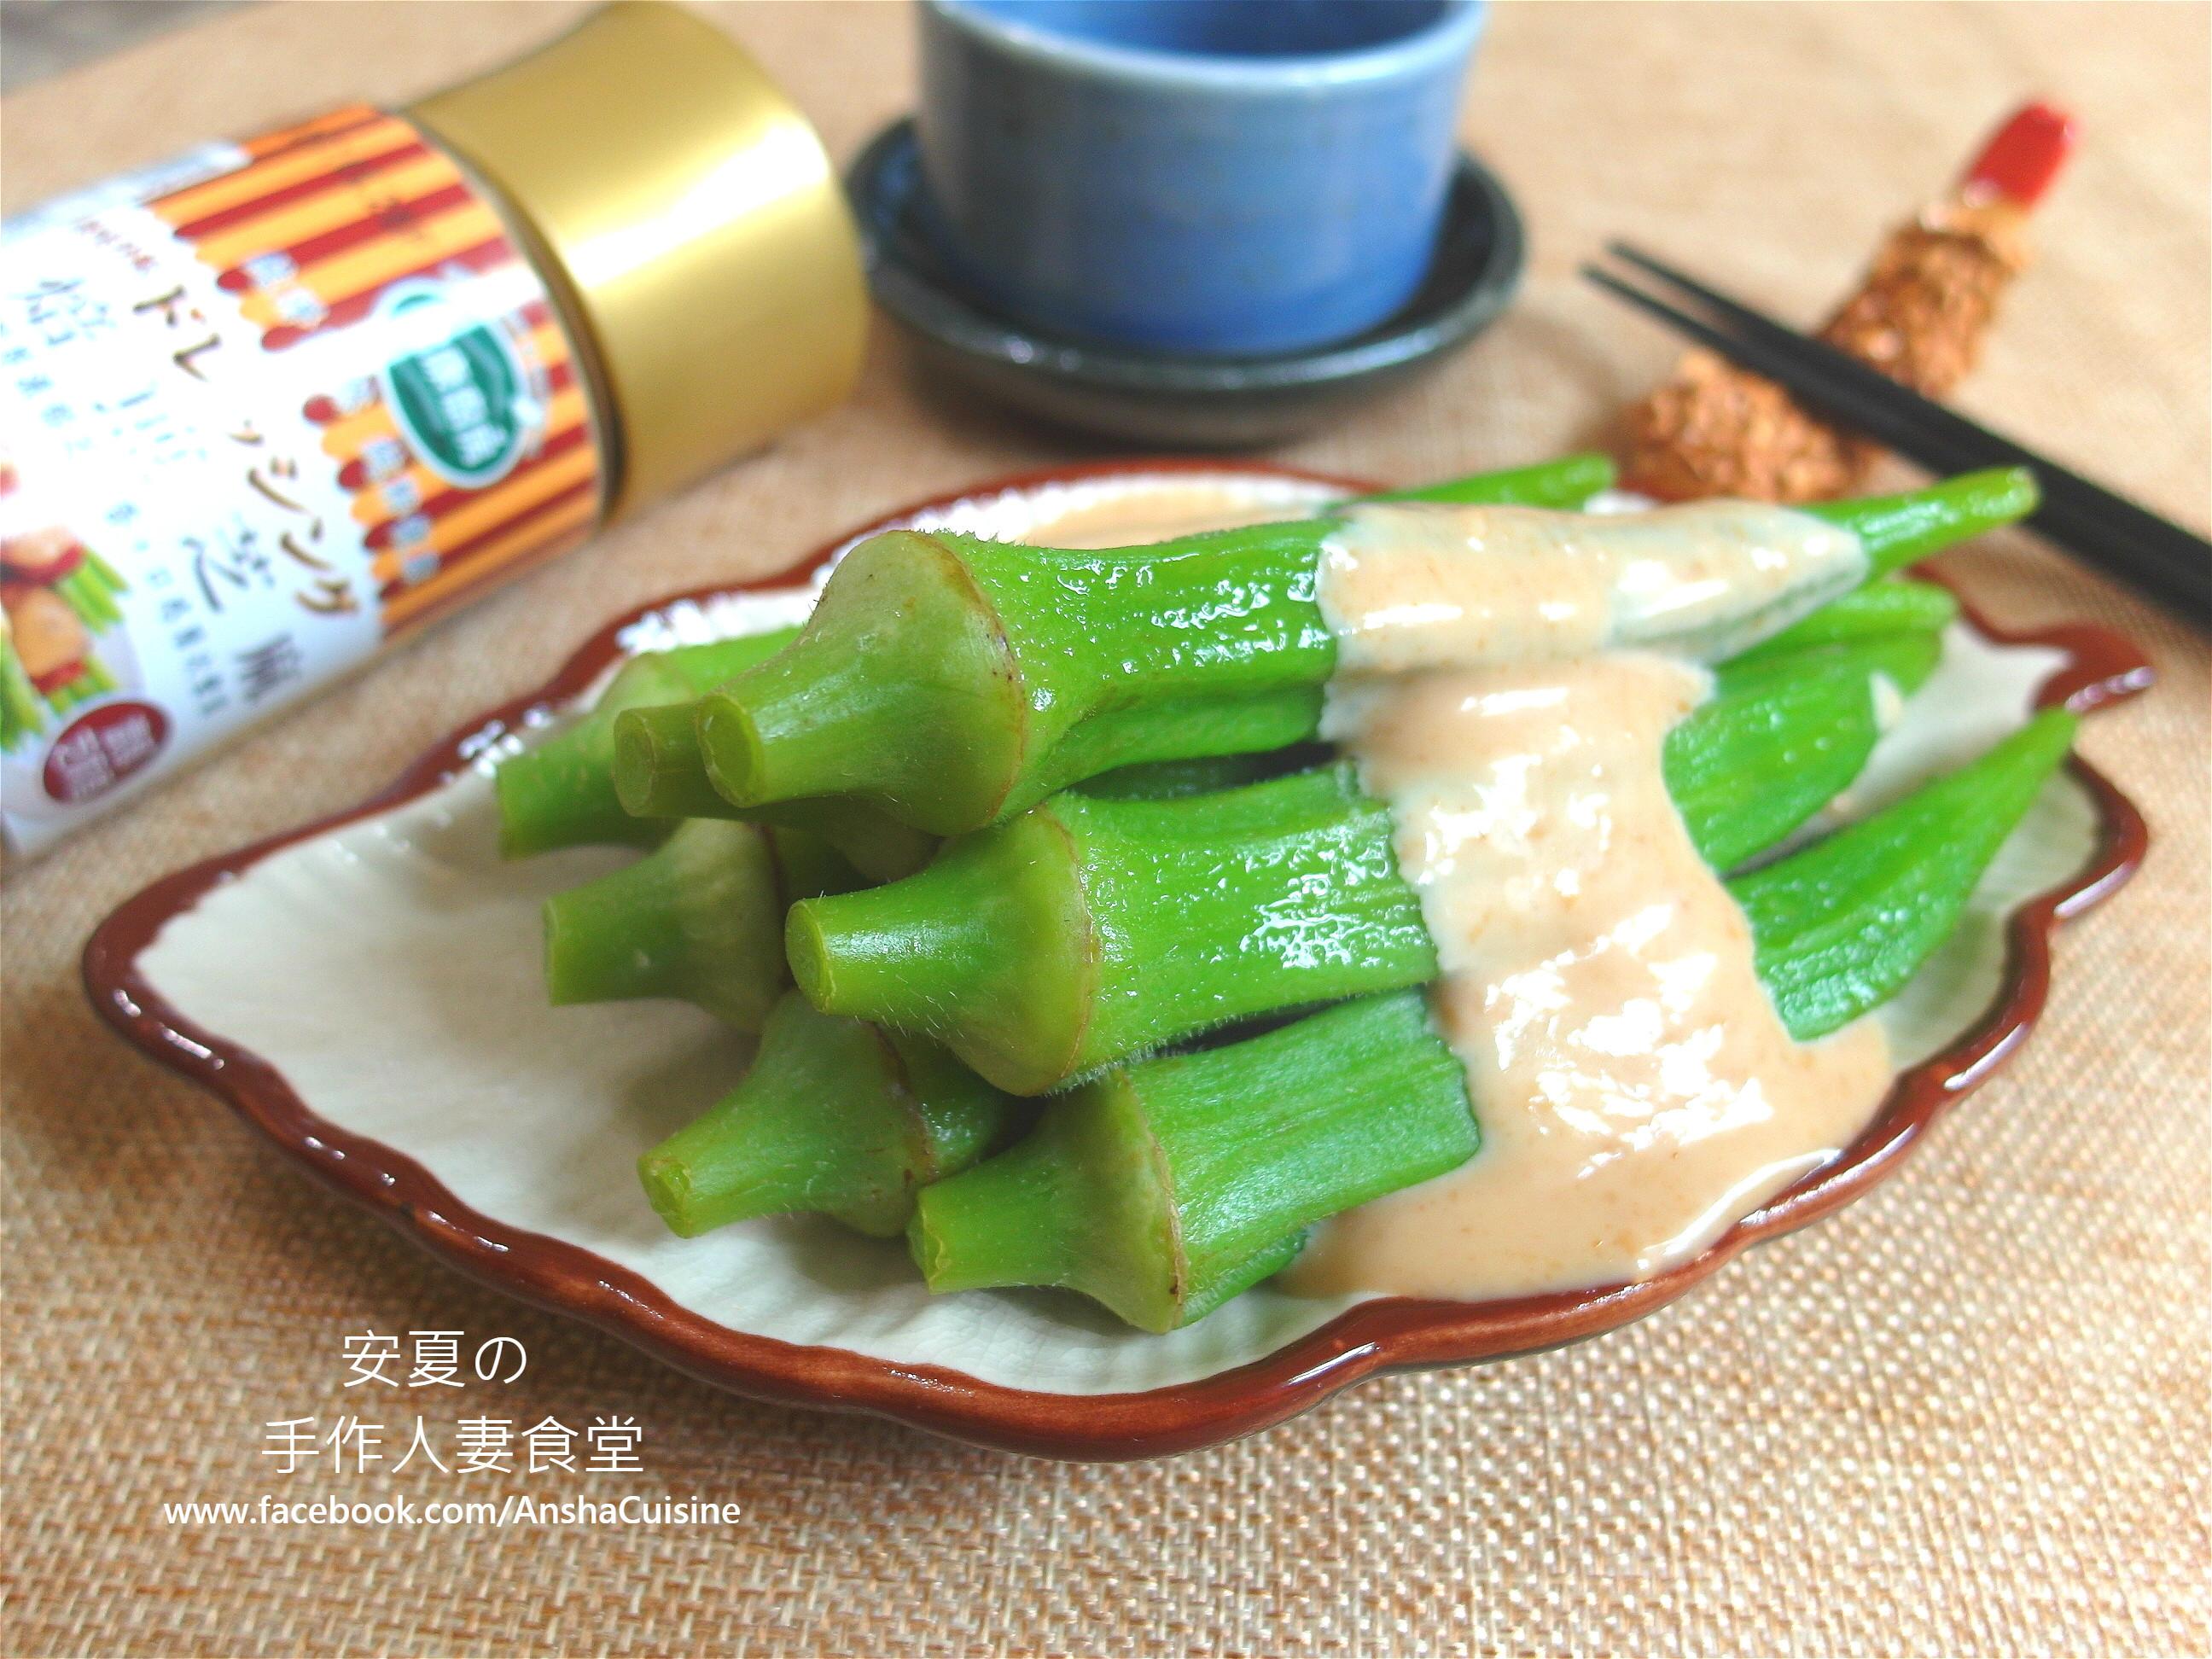 焙煎芝麻涼拌秋葵-健康廚房